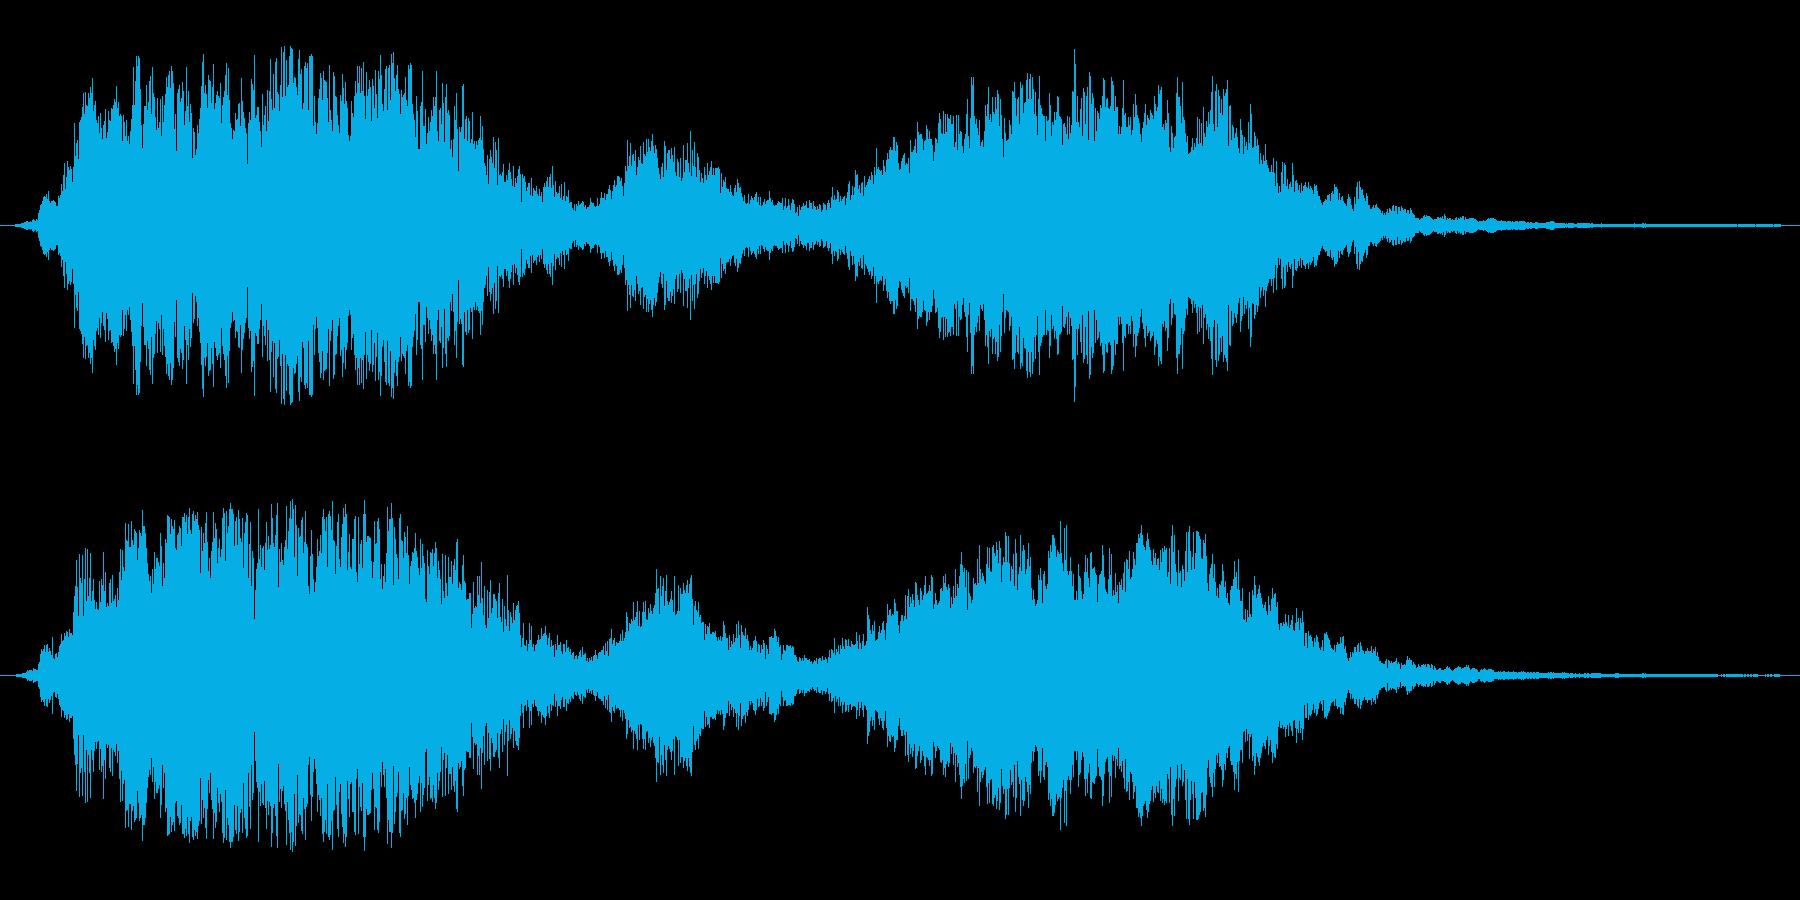 しっとり始まる軽快なオープニング音の再生済みの波形